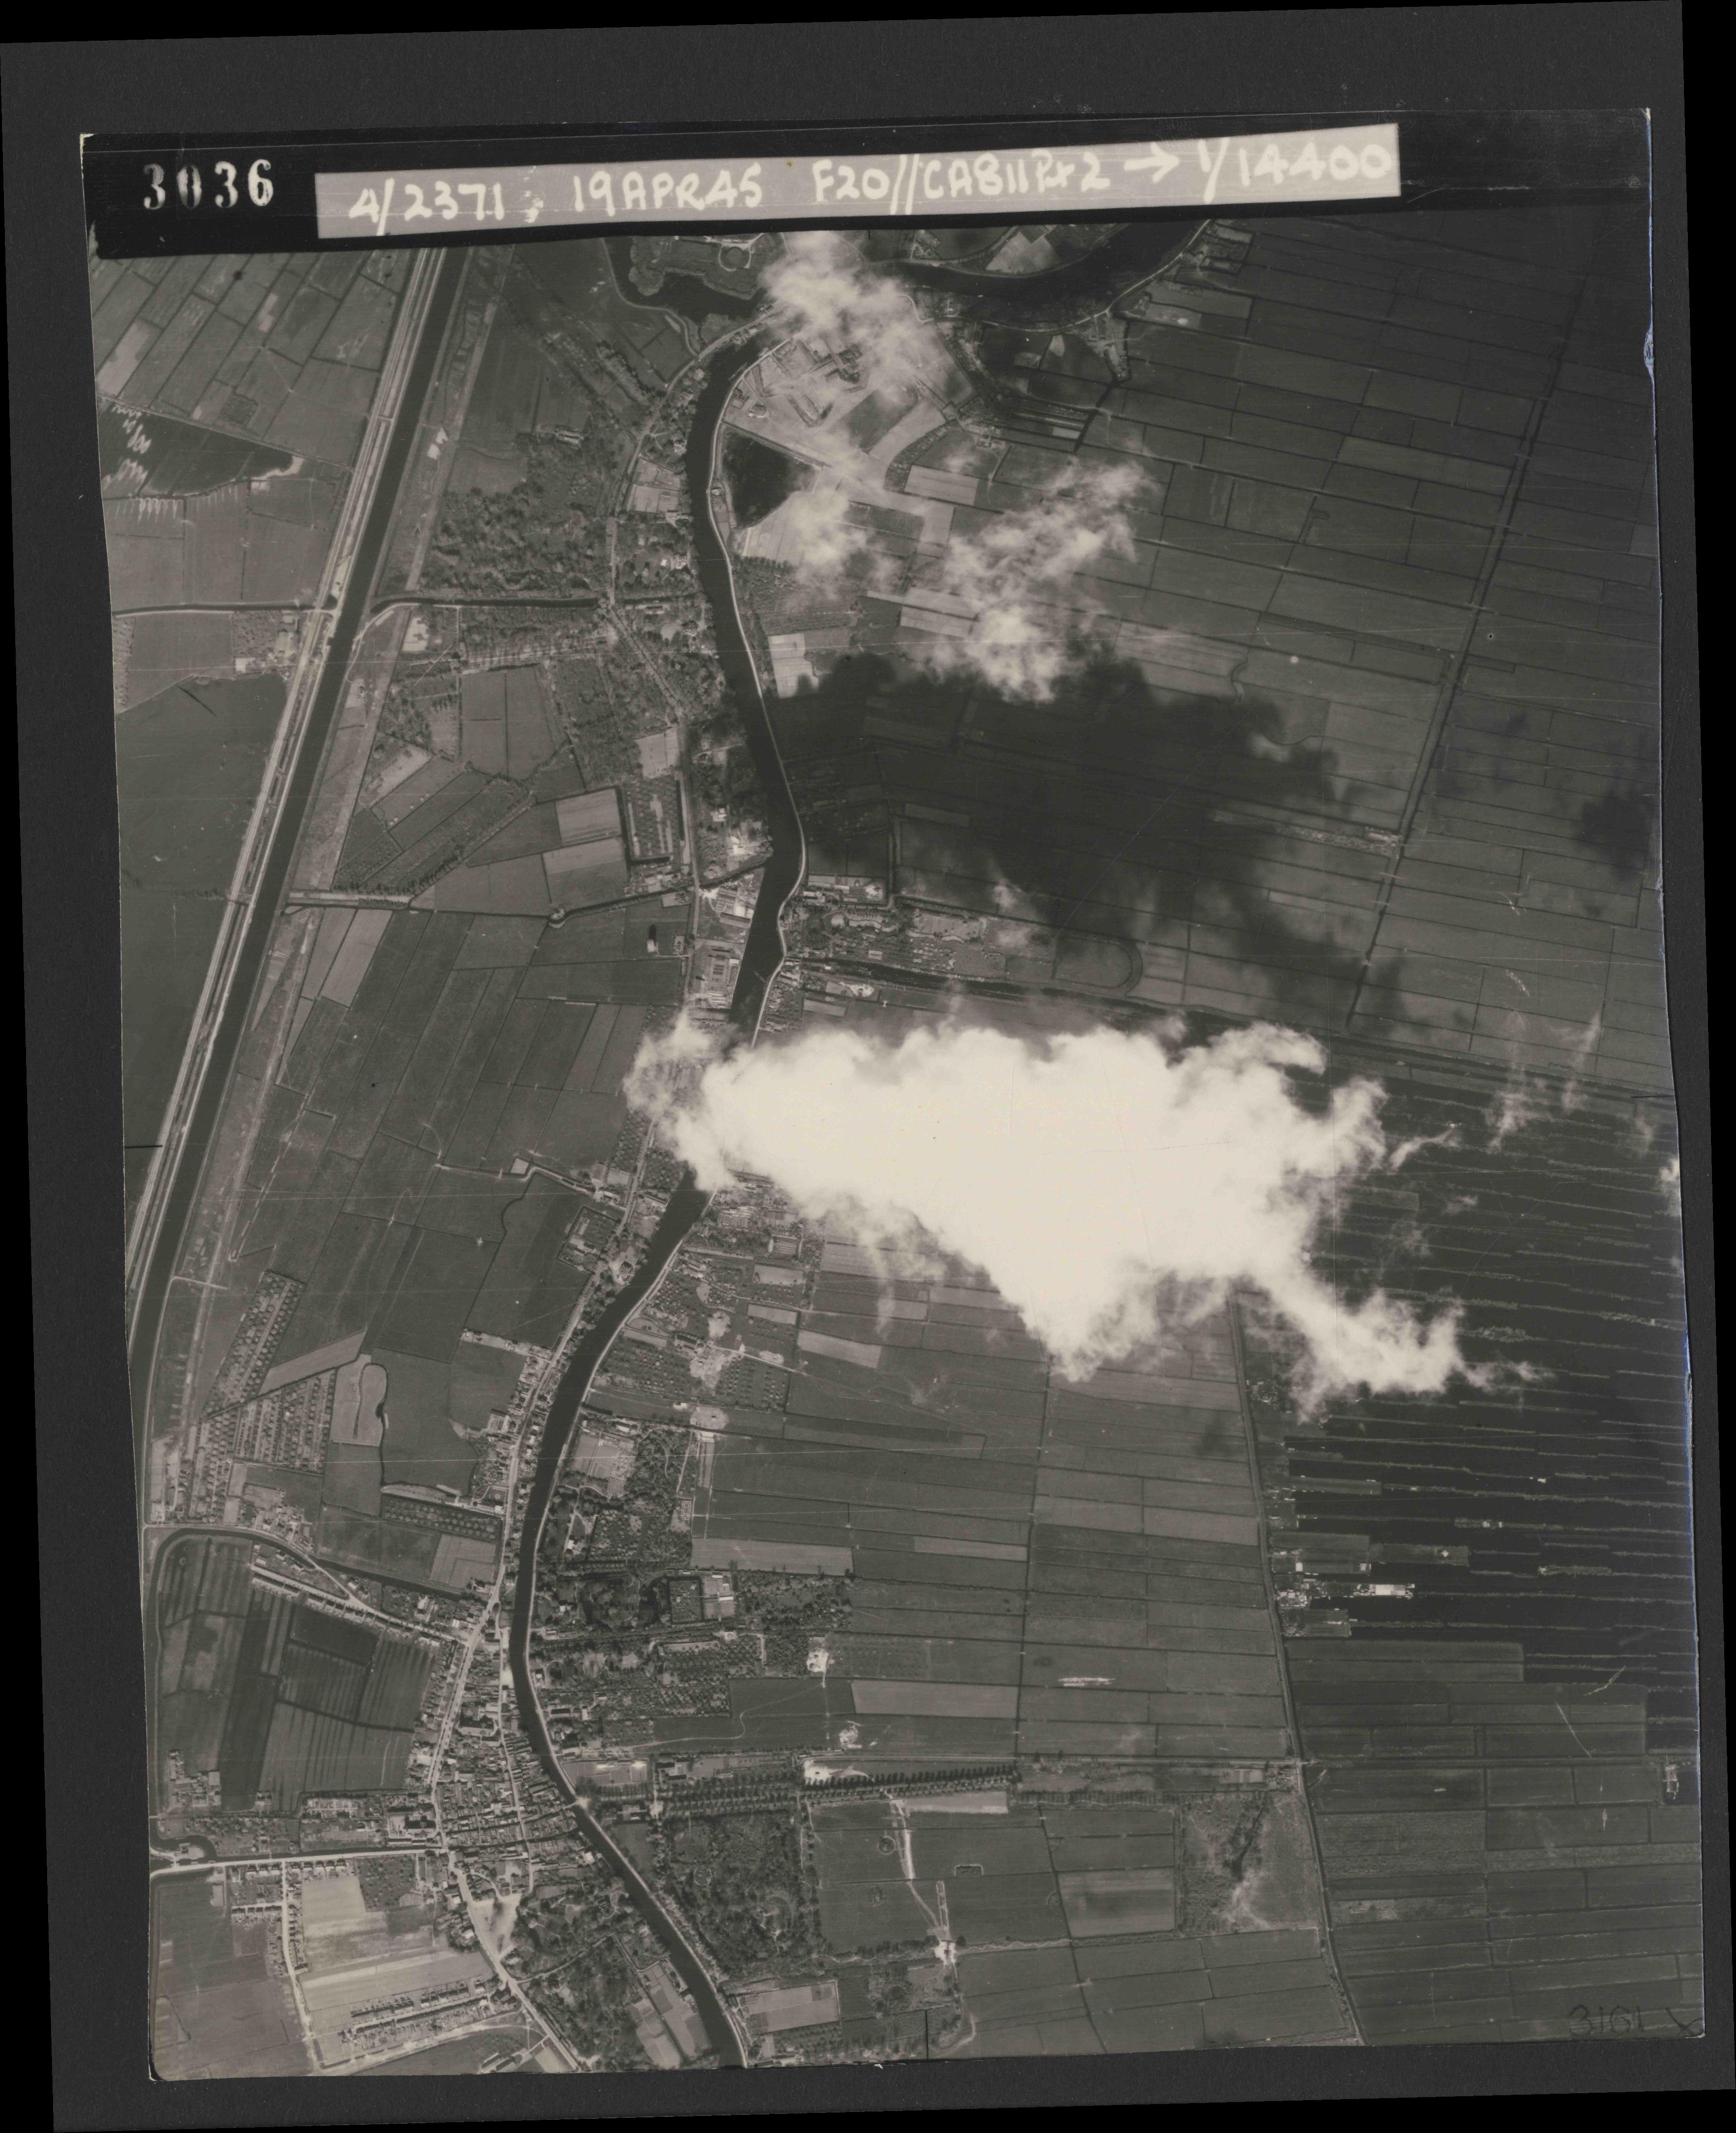 Collection RAF aerial photos 1940-1945 - flight 305, run 03, photo 3036